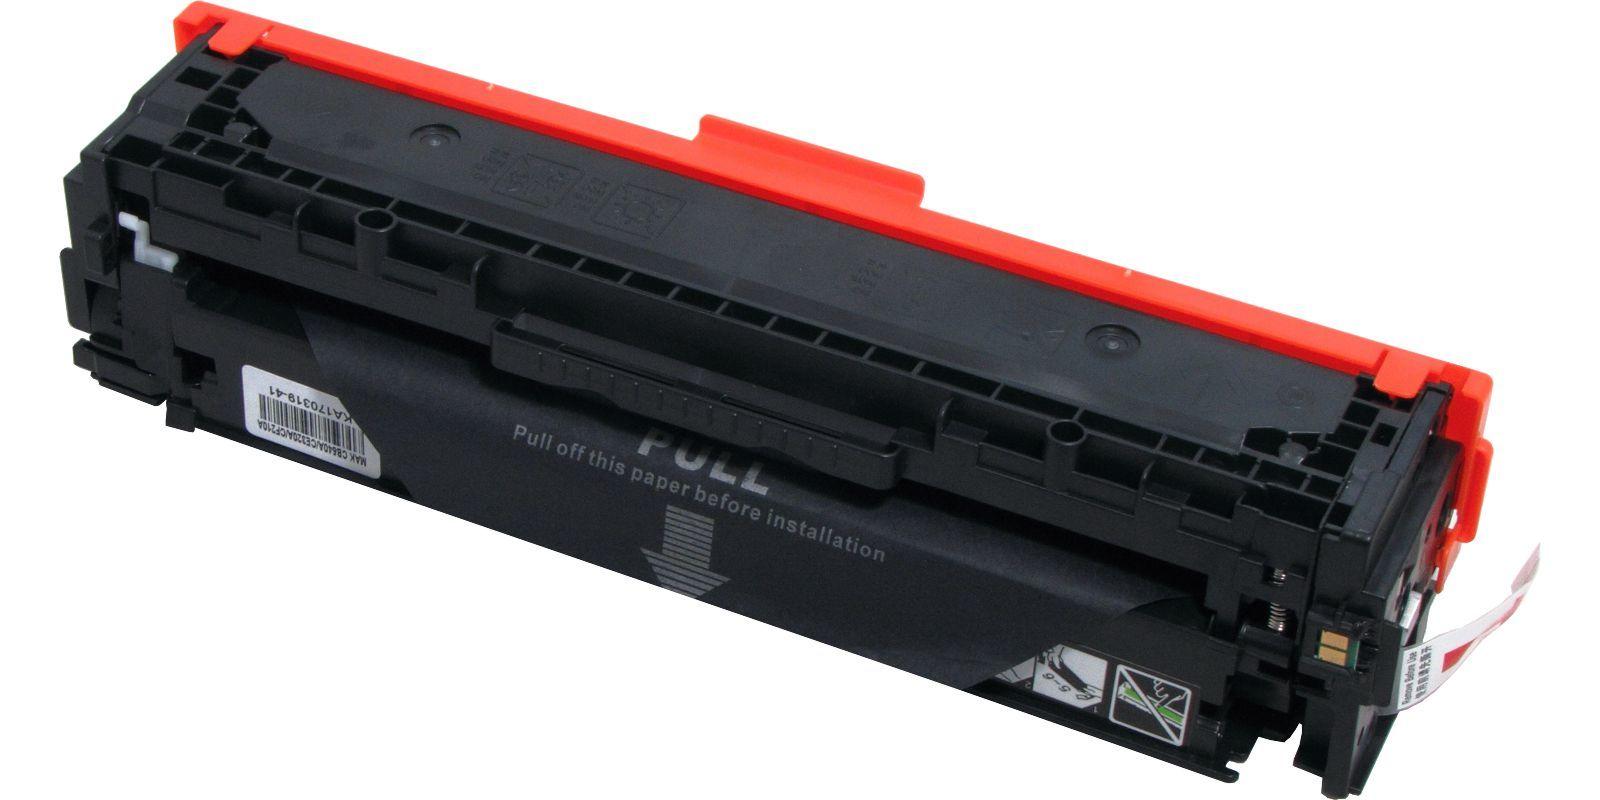 Картридж лазерный цветной MAK© 125A/128A/131A CB540A/CE320A/CF210A черный (black), до 2200 стр.